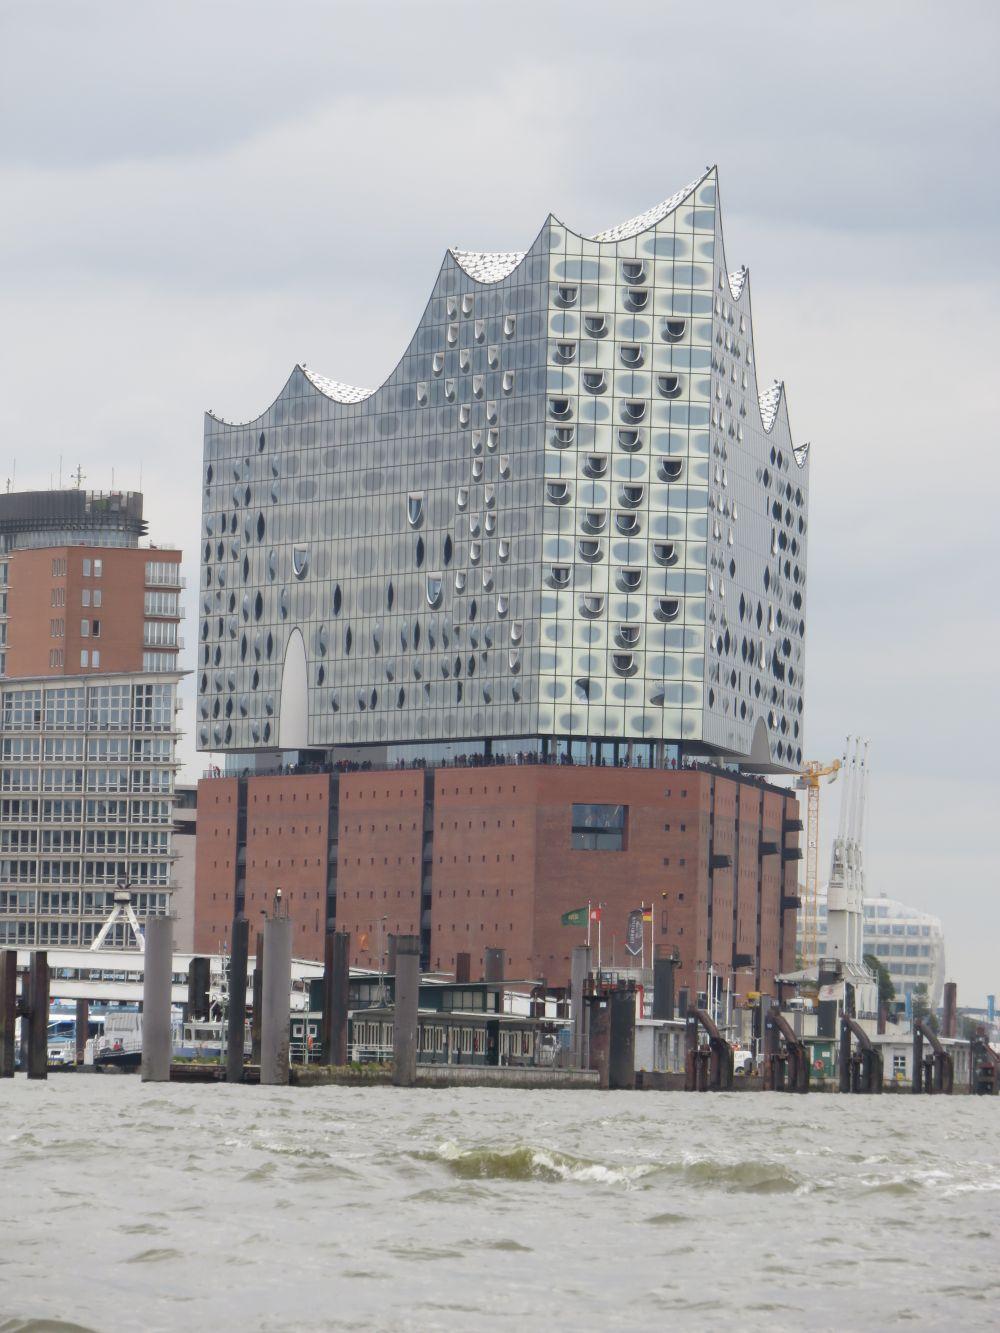 2019-09-06 - 08 Vereinsreise Hamburg